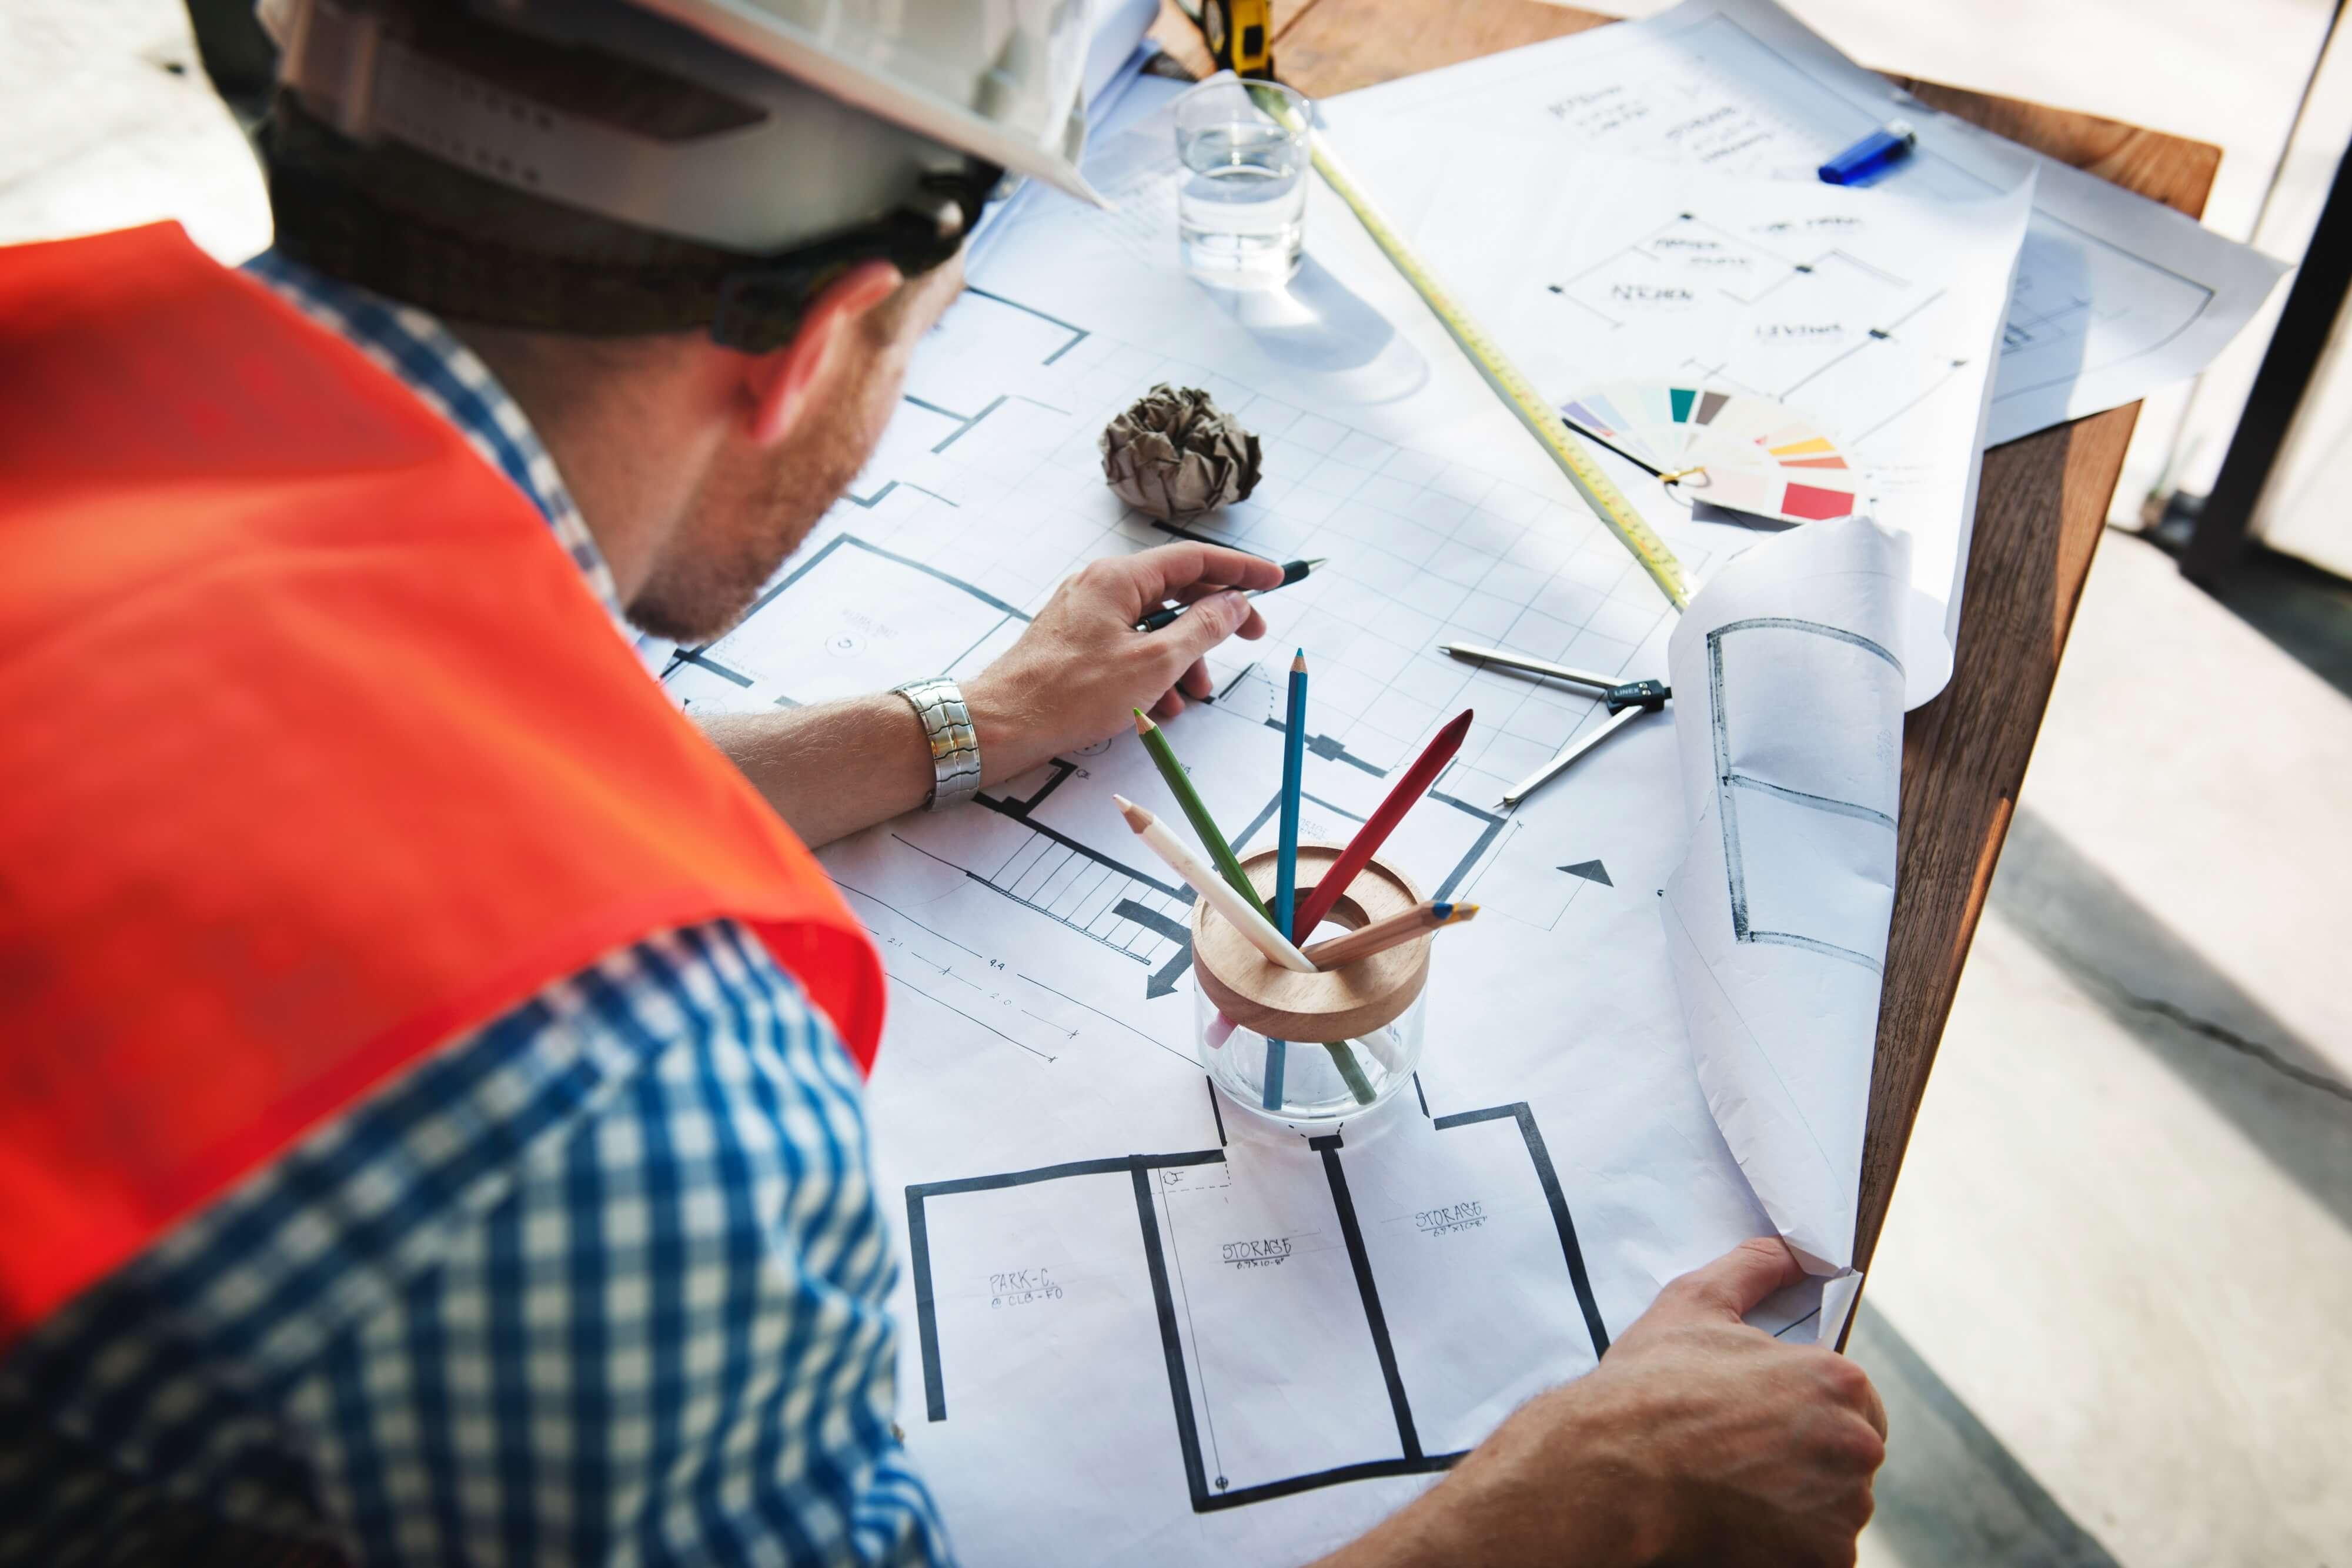 Stavebný inžinier kontroluje stavebné výkresy